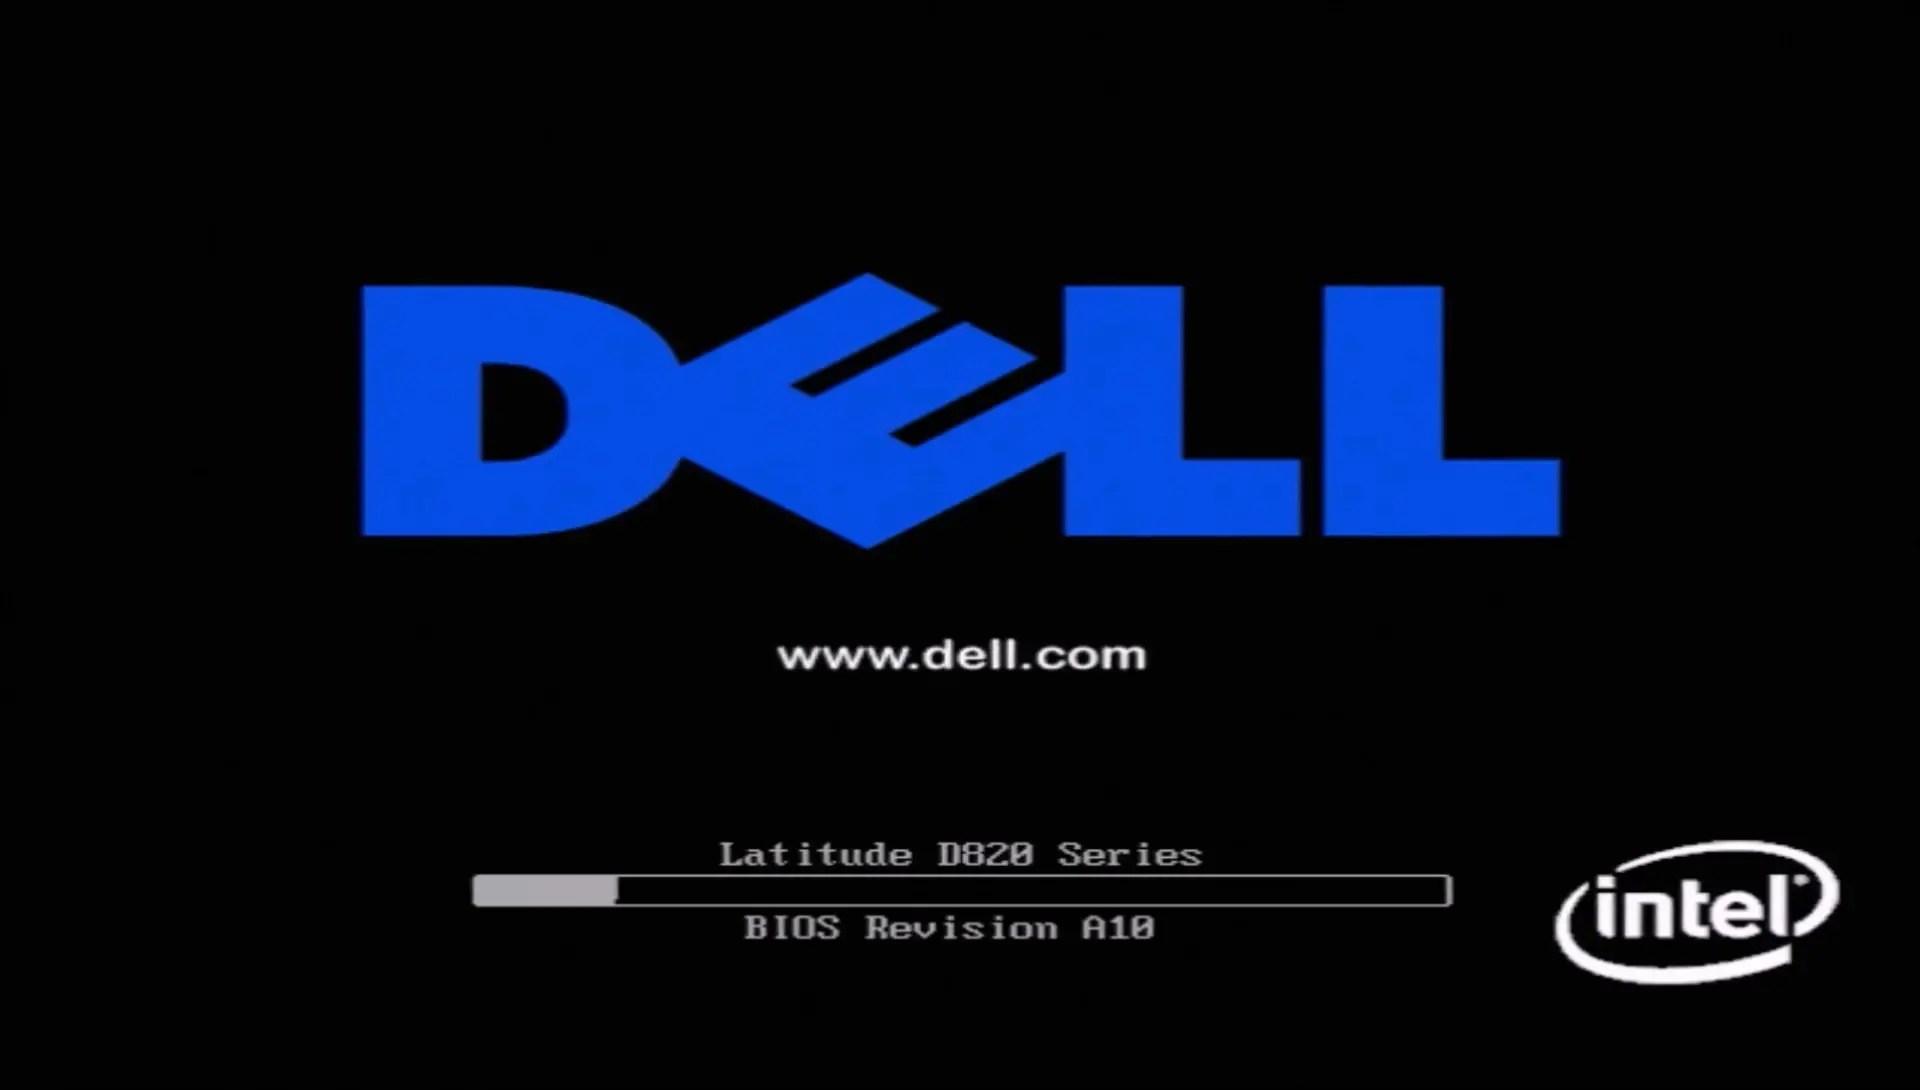 Dell Latitude D820 QuickSet A34 Driver